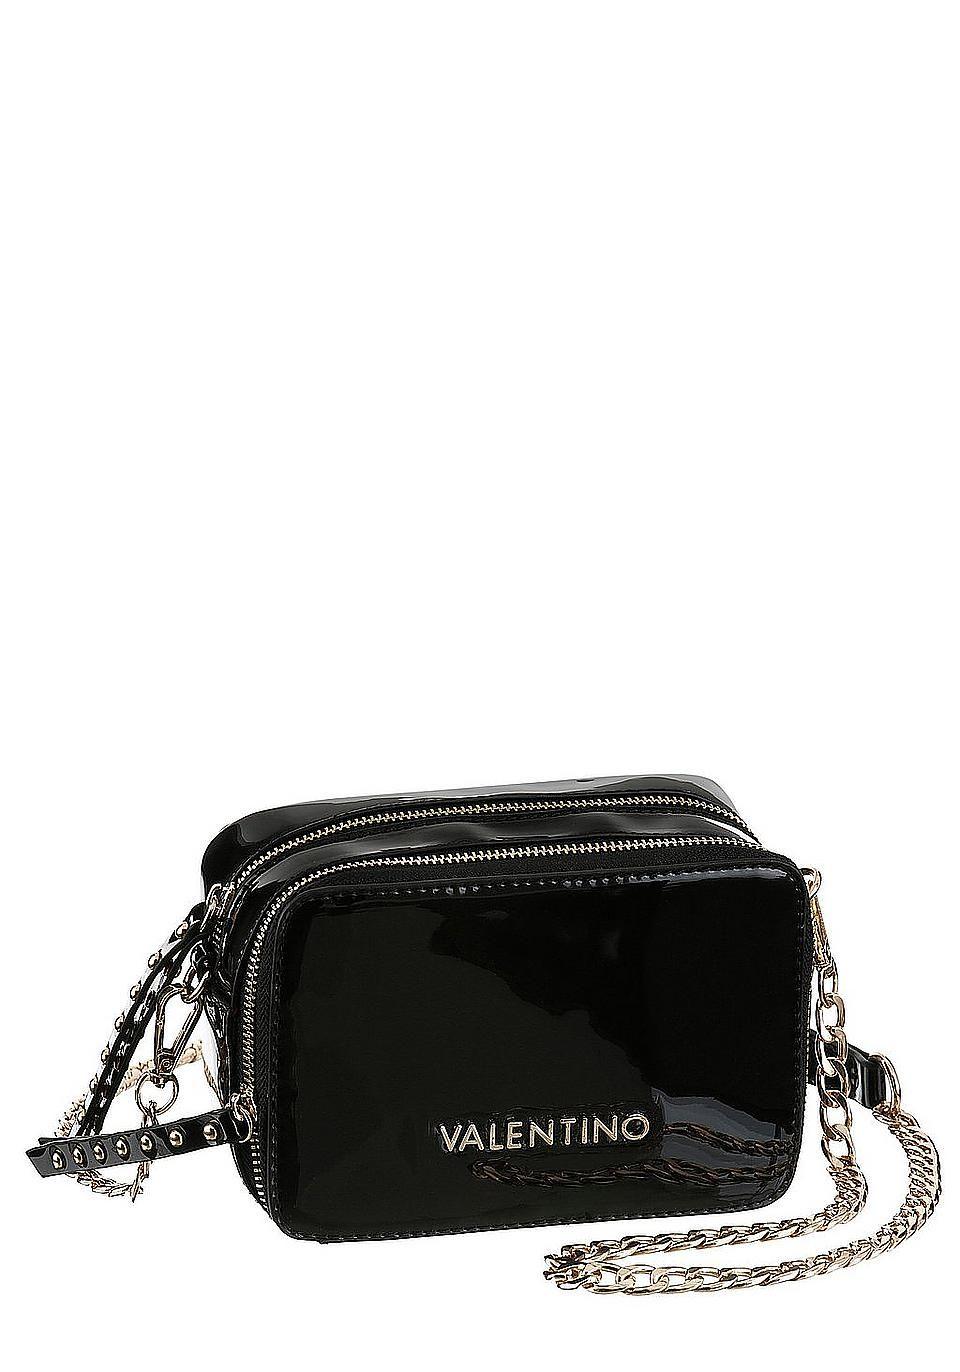 fdbe4b9af3e6c Valentino handbags Umhängetasche »RIBAVE«  tasche  taschen  damentasche   damentaschen  bag